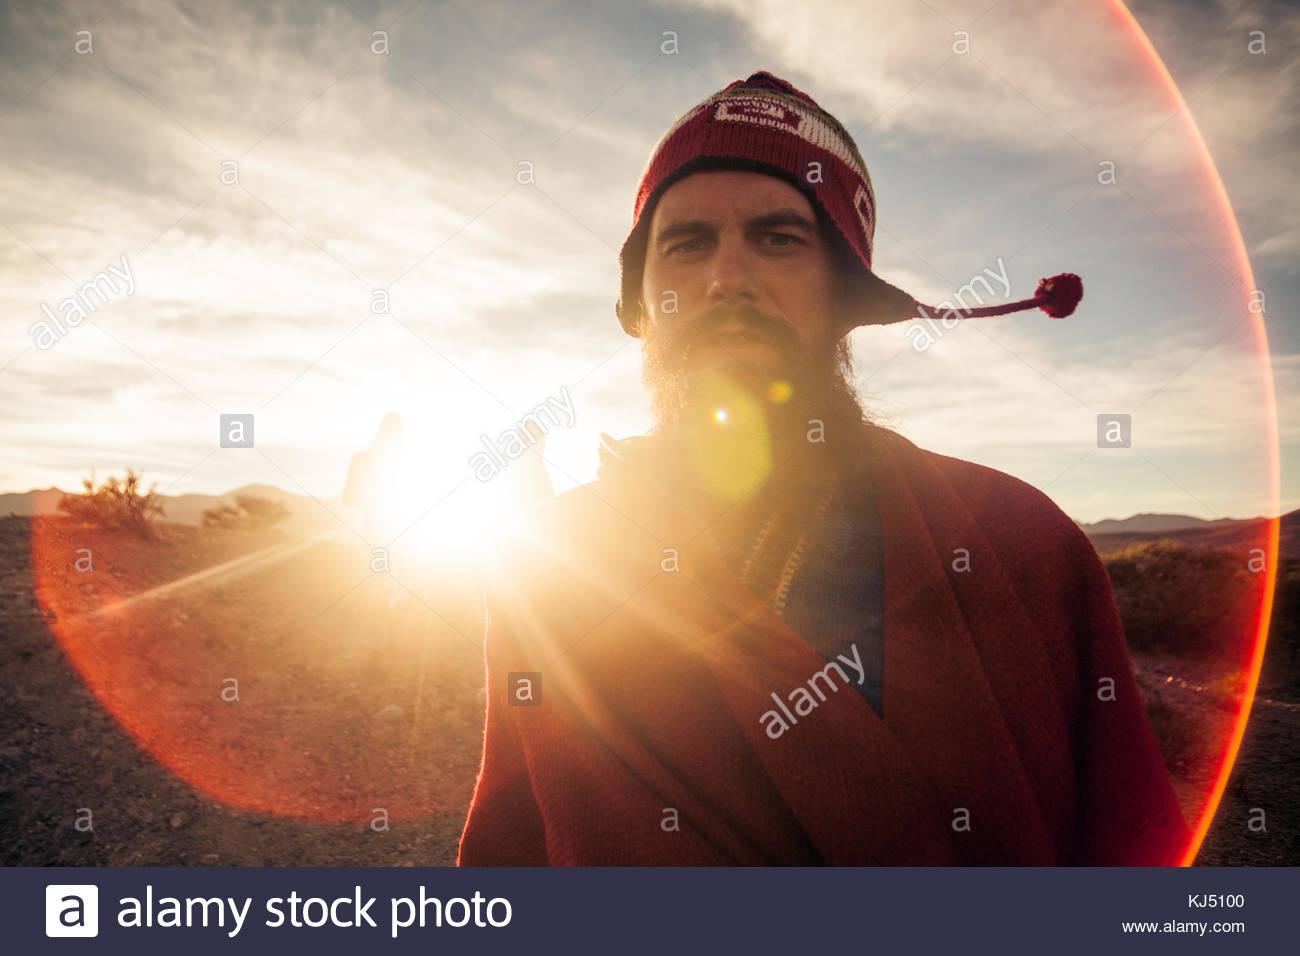 Viajero con gorro de lana con solapas oreja en el sol de cerca Imagen De Stock